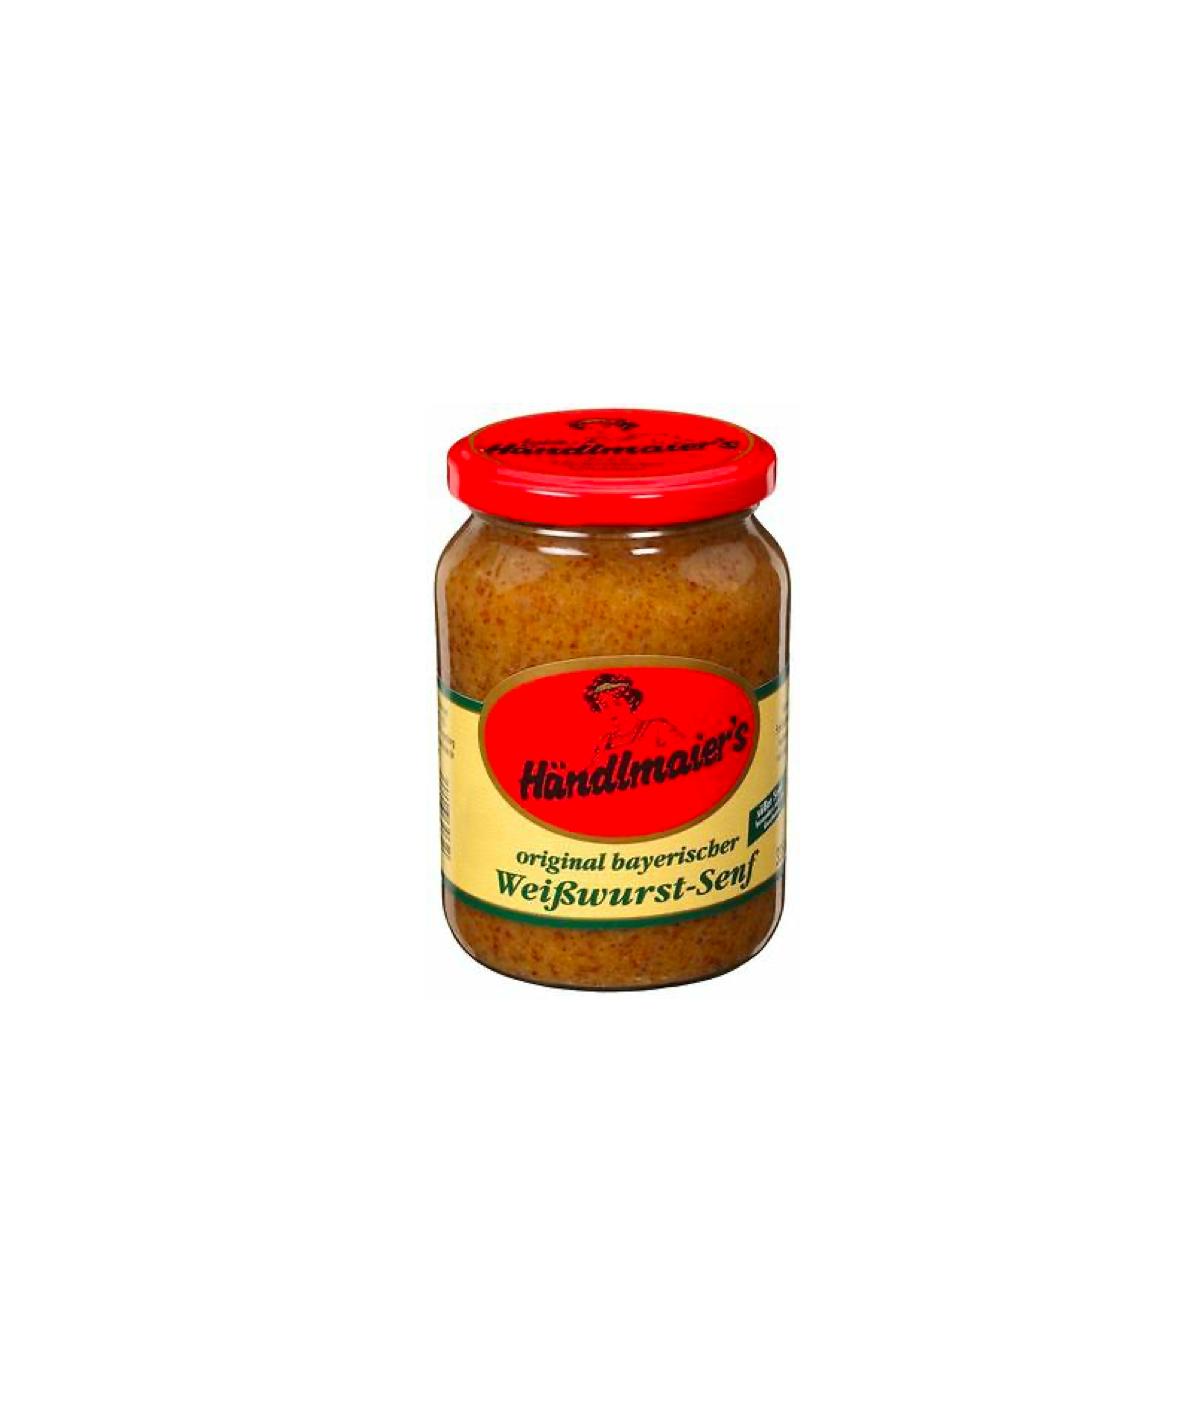 Händelmaier Original bayerischer Weißwurst-Senf 225ml